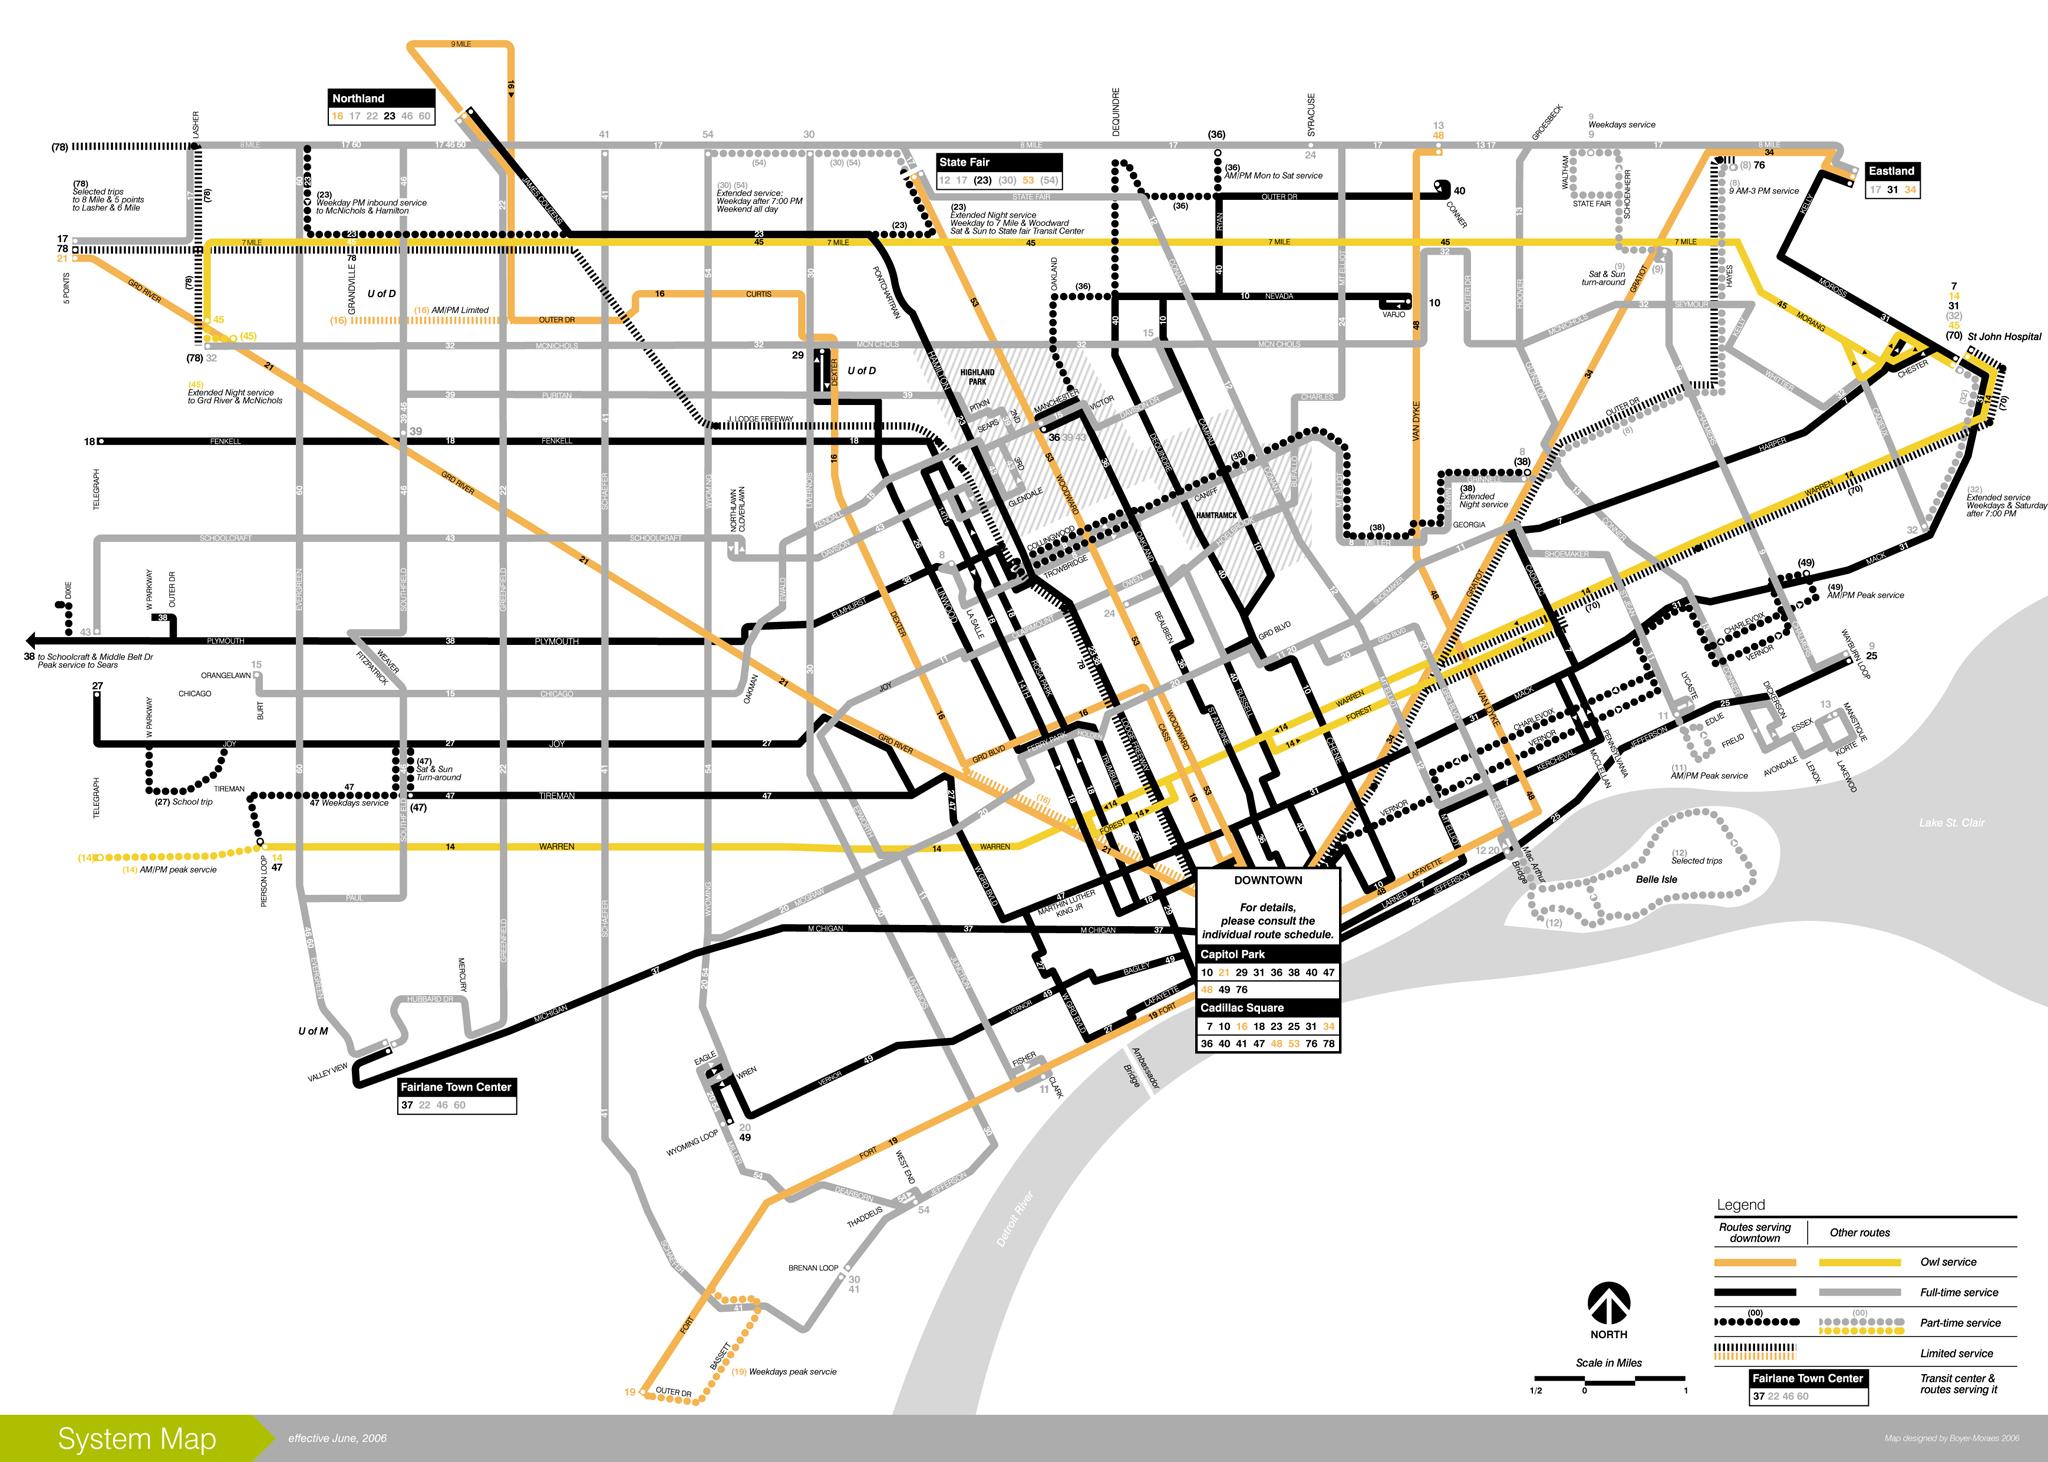 detroit public transportation map Detroit Transit History What S New detroit public transportation map